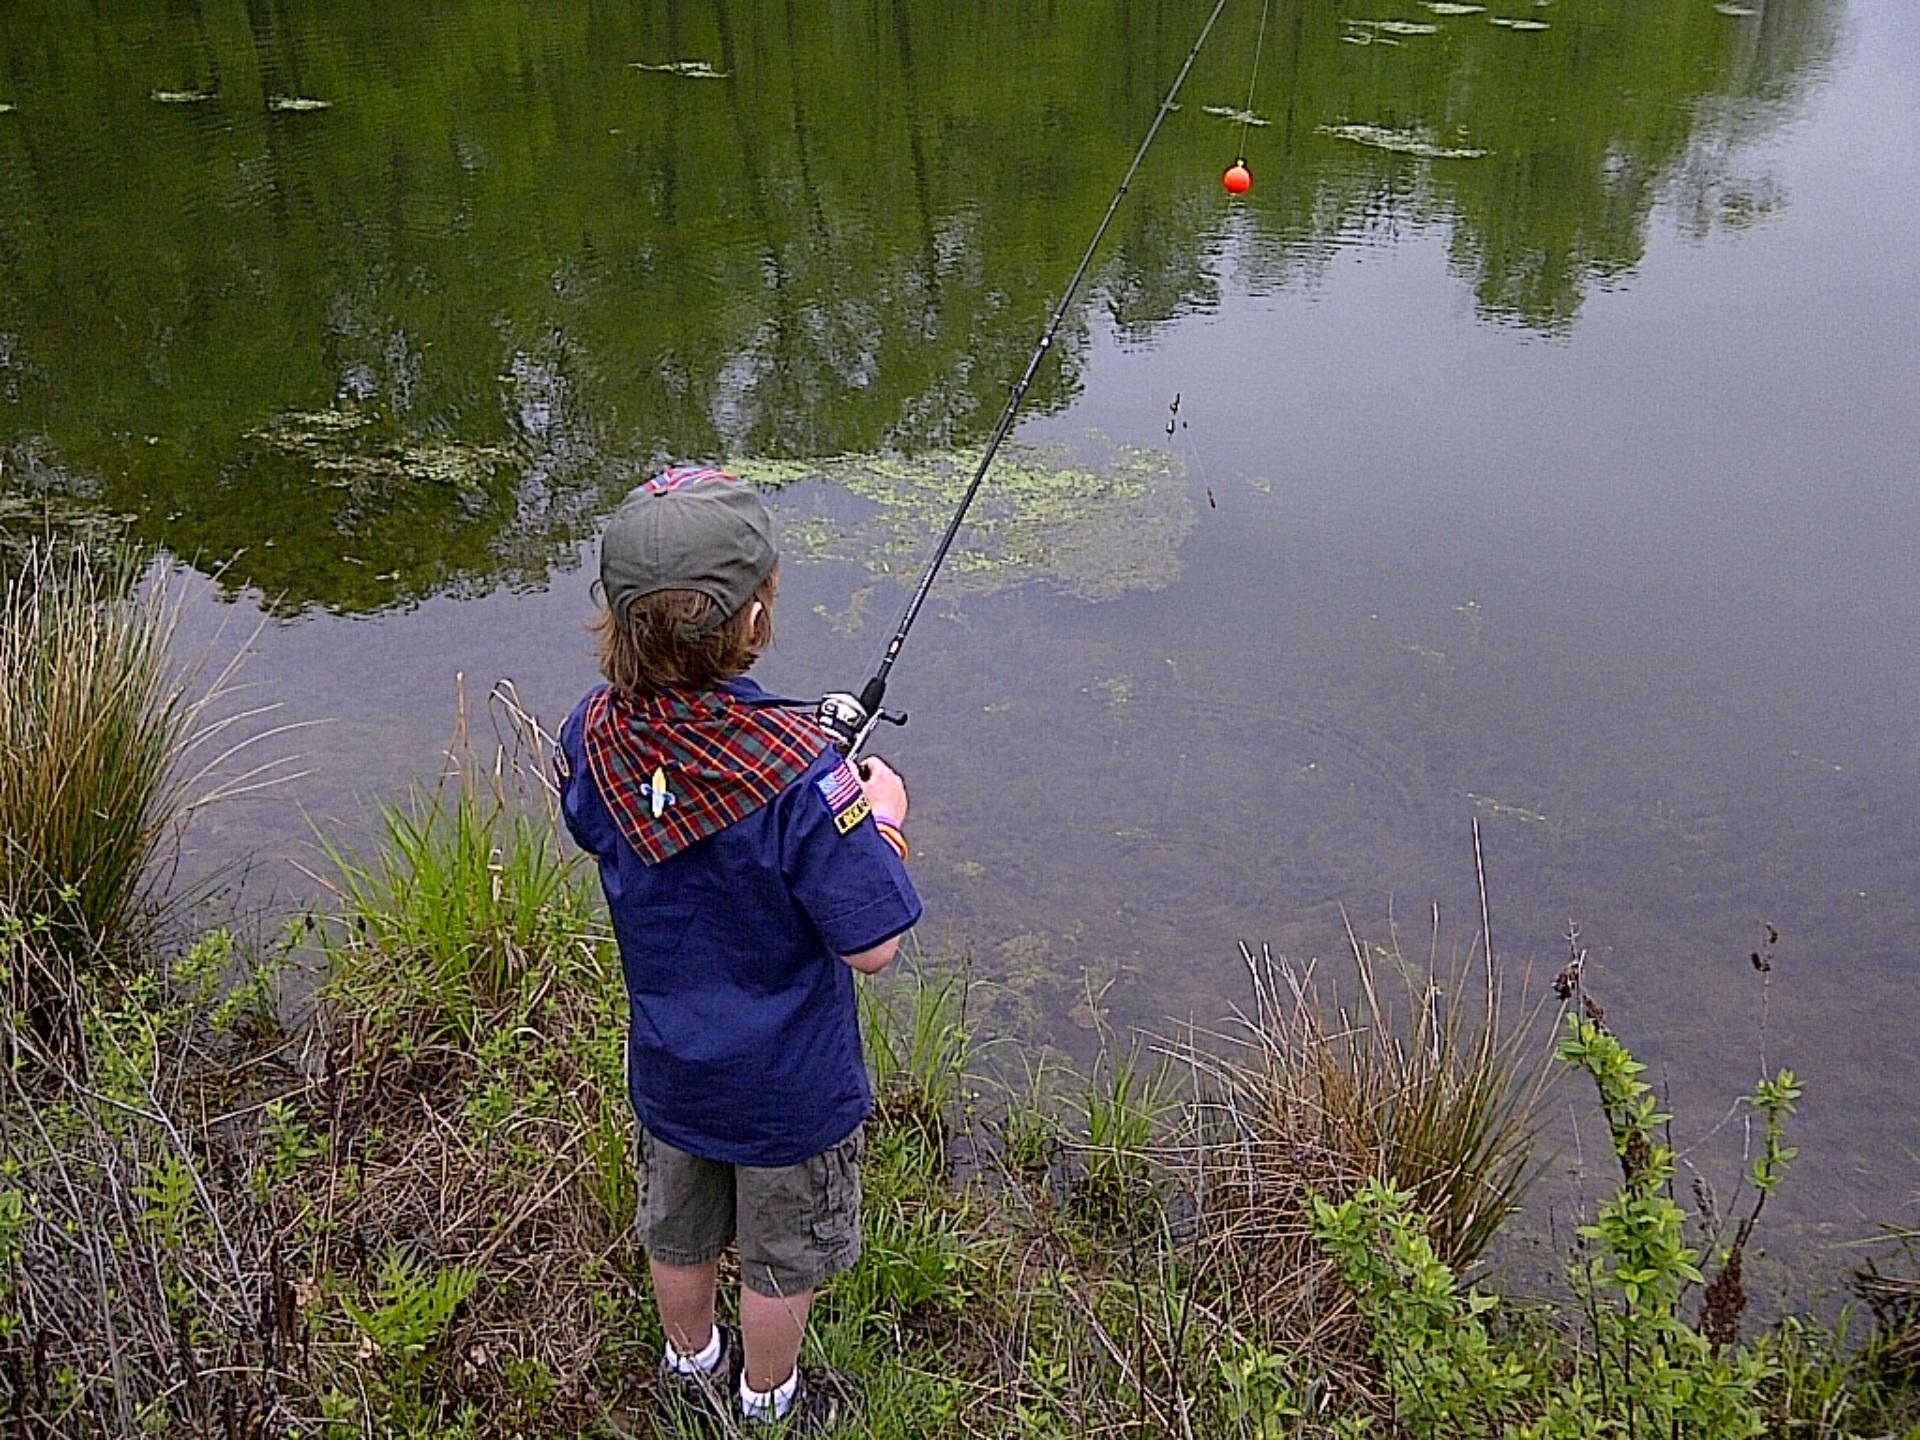 картинка ловят рыбу эконом-класса проводится тогда